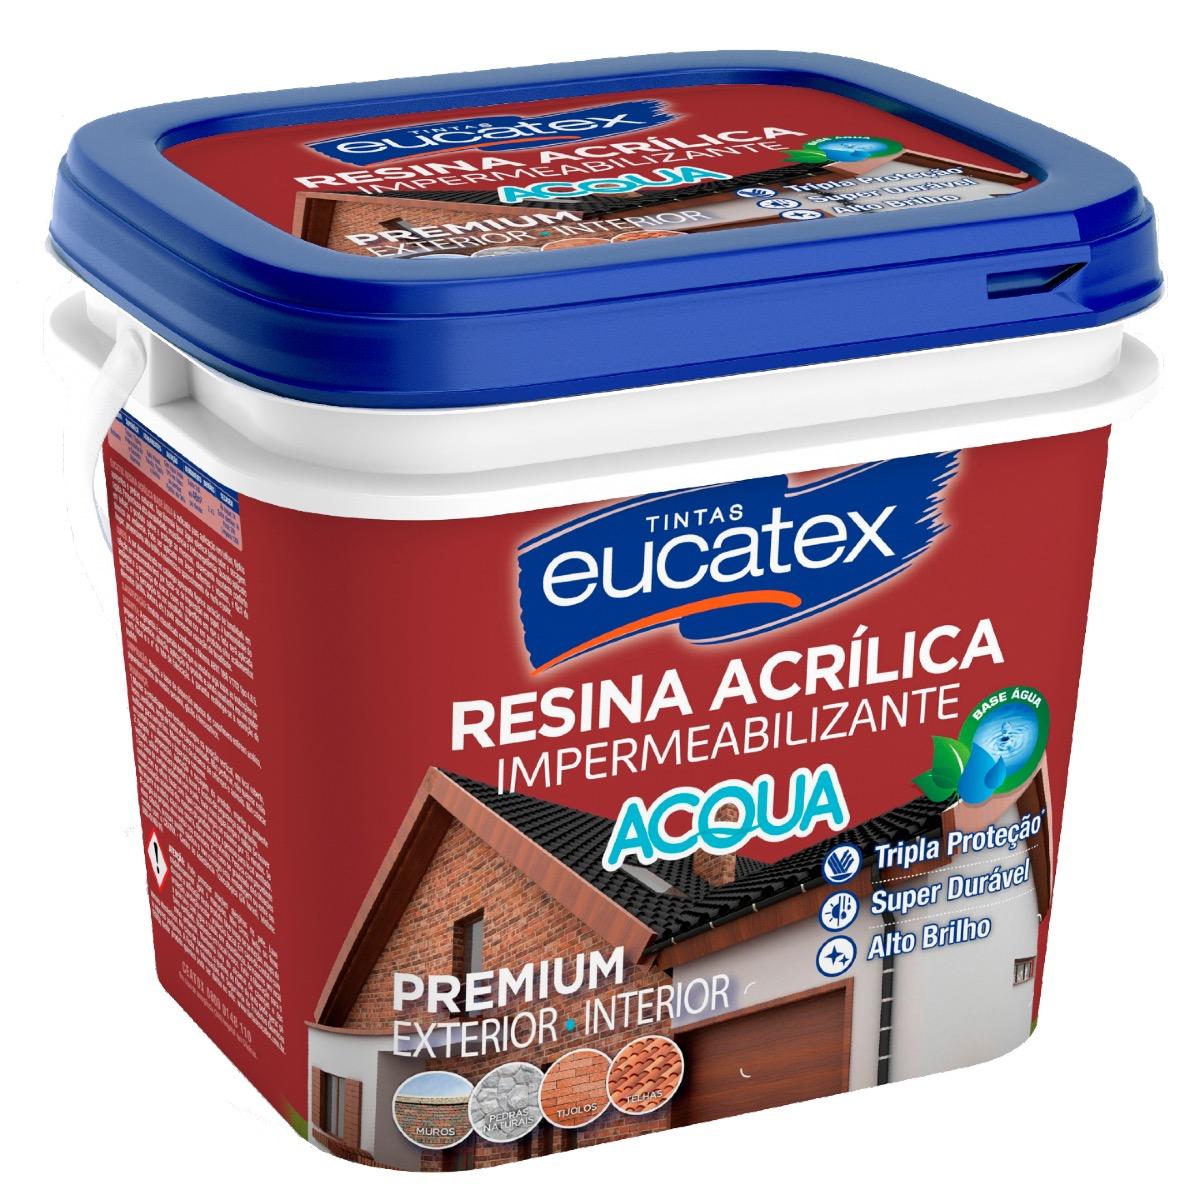 Resina Acrílica Multiuso Eucatex 3,6L (Brinde Rolo Espuma)